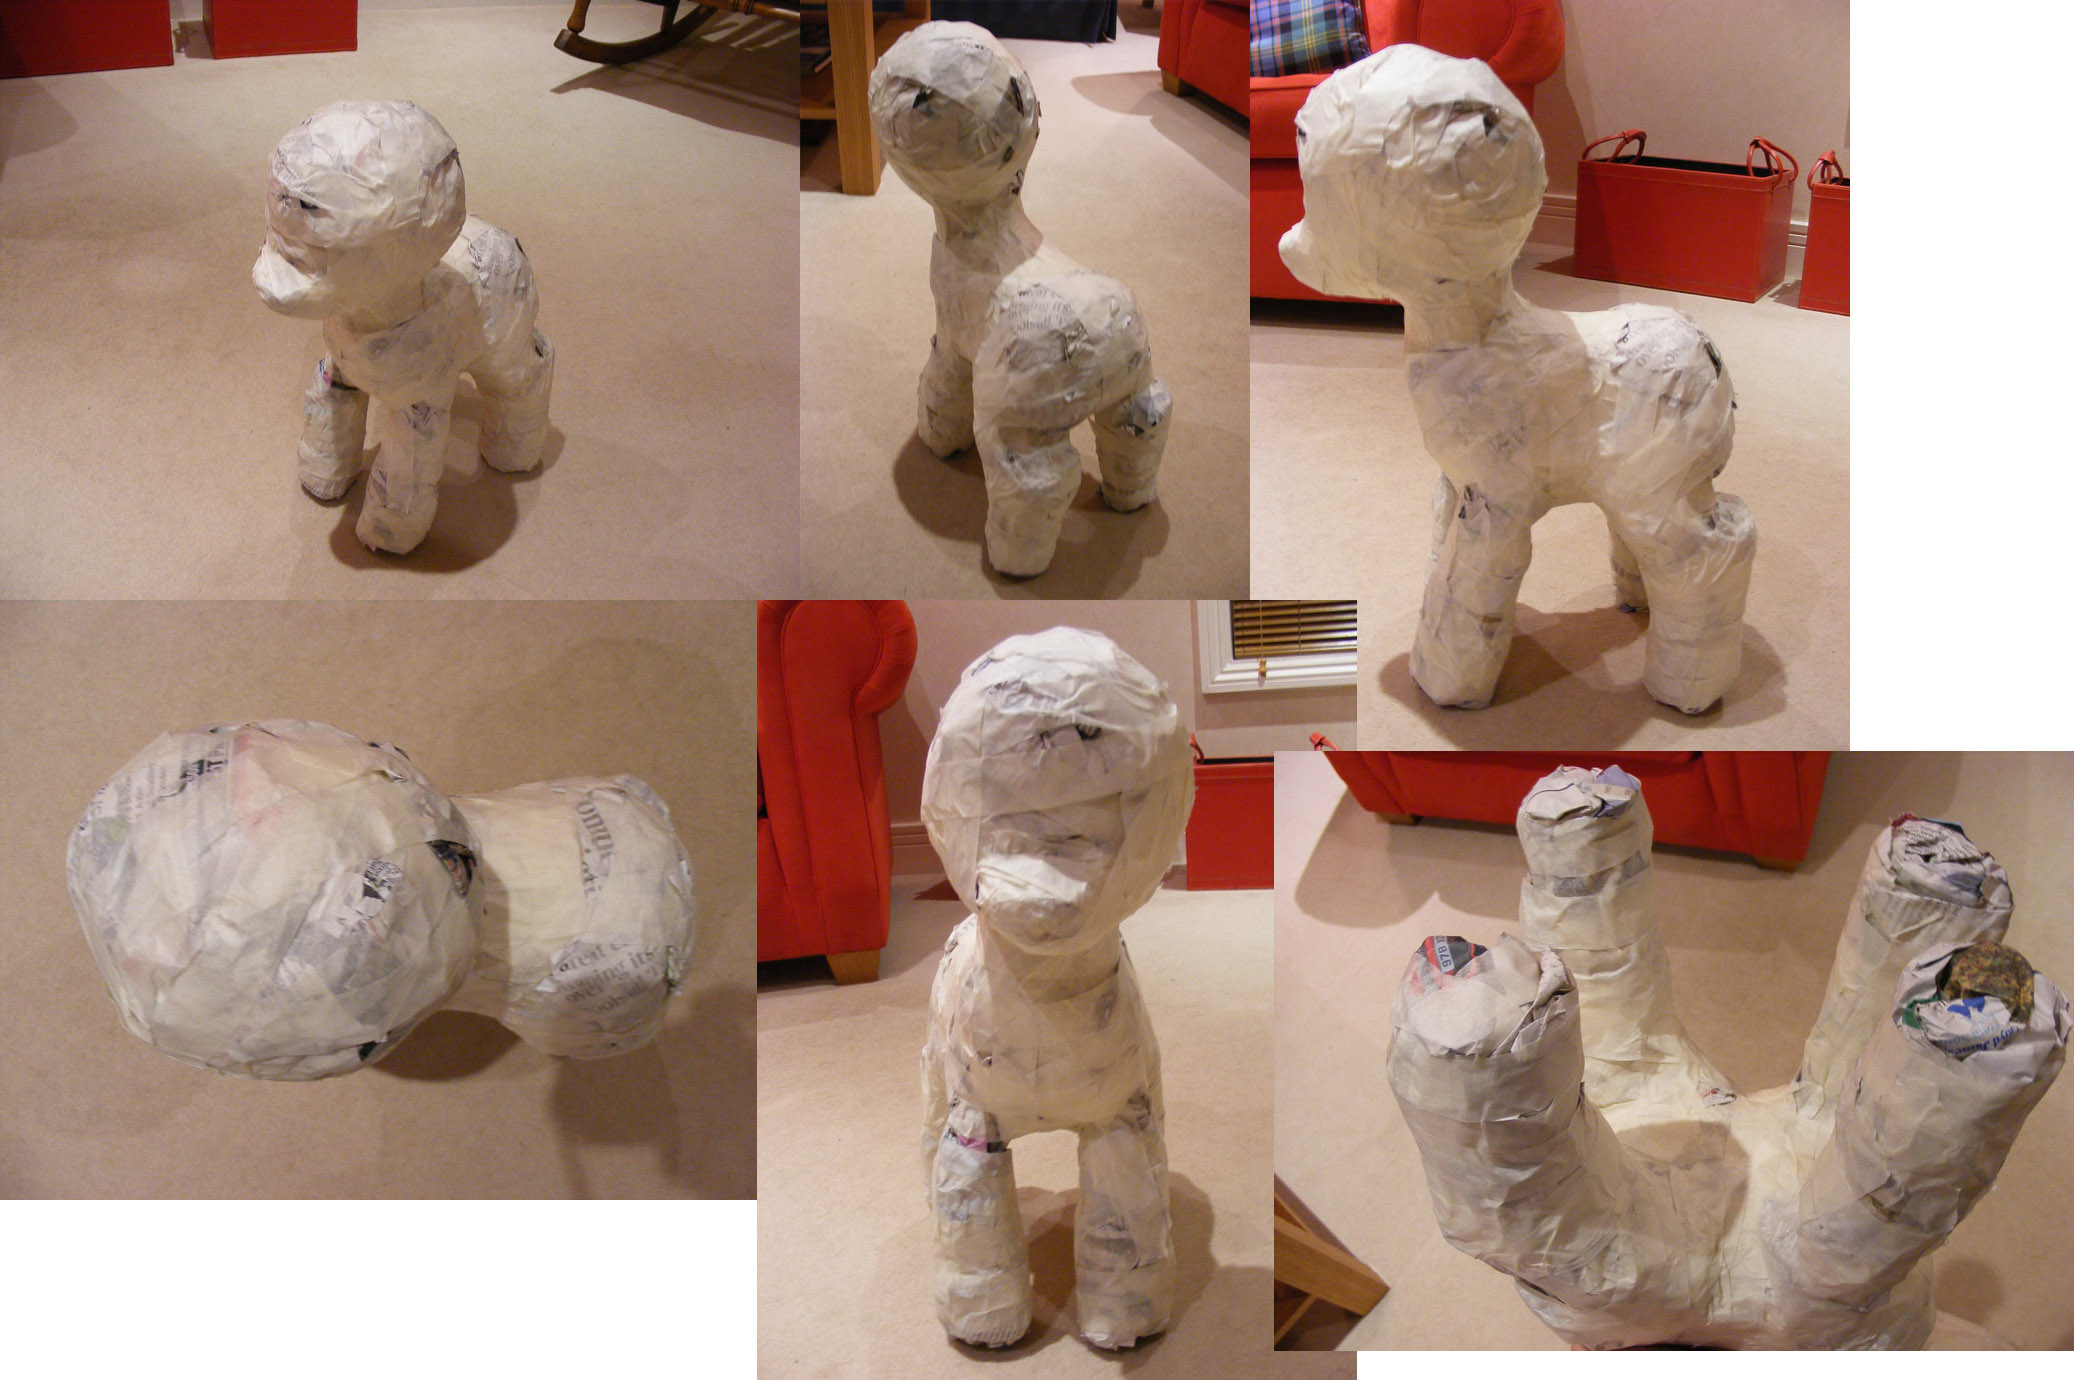 prototype 3 by hoppip